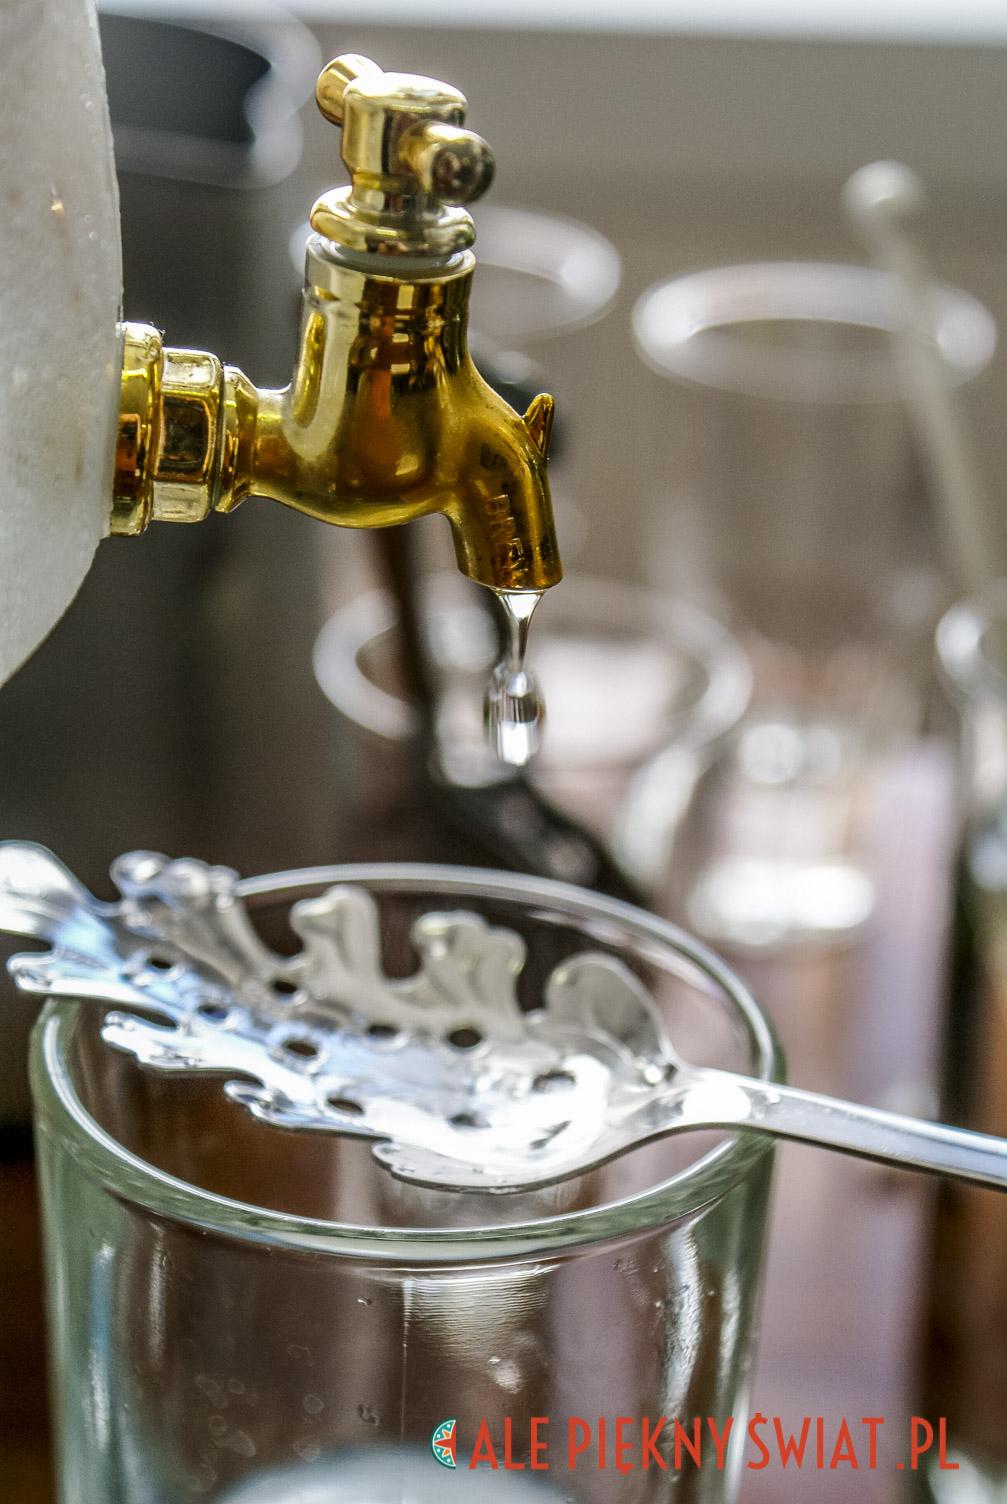 Zielona wróżka, czyli Absynt spływający powoli do szklanki przez specjalną łyżeczkę.